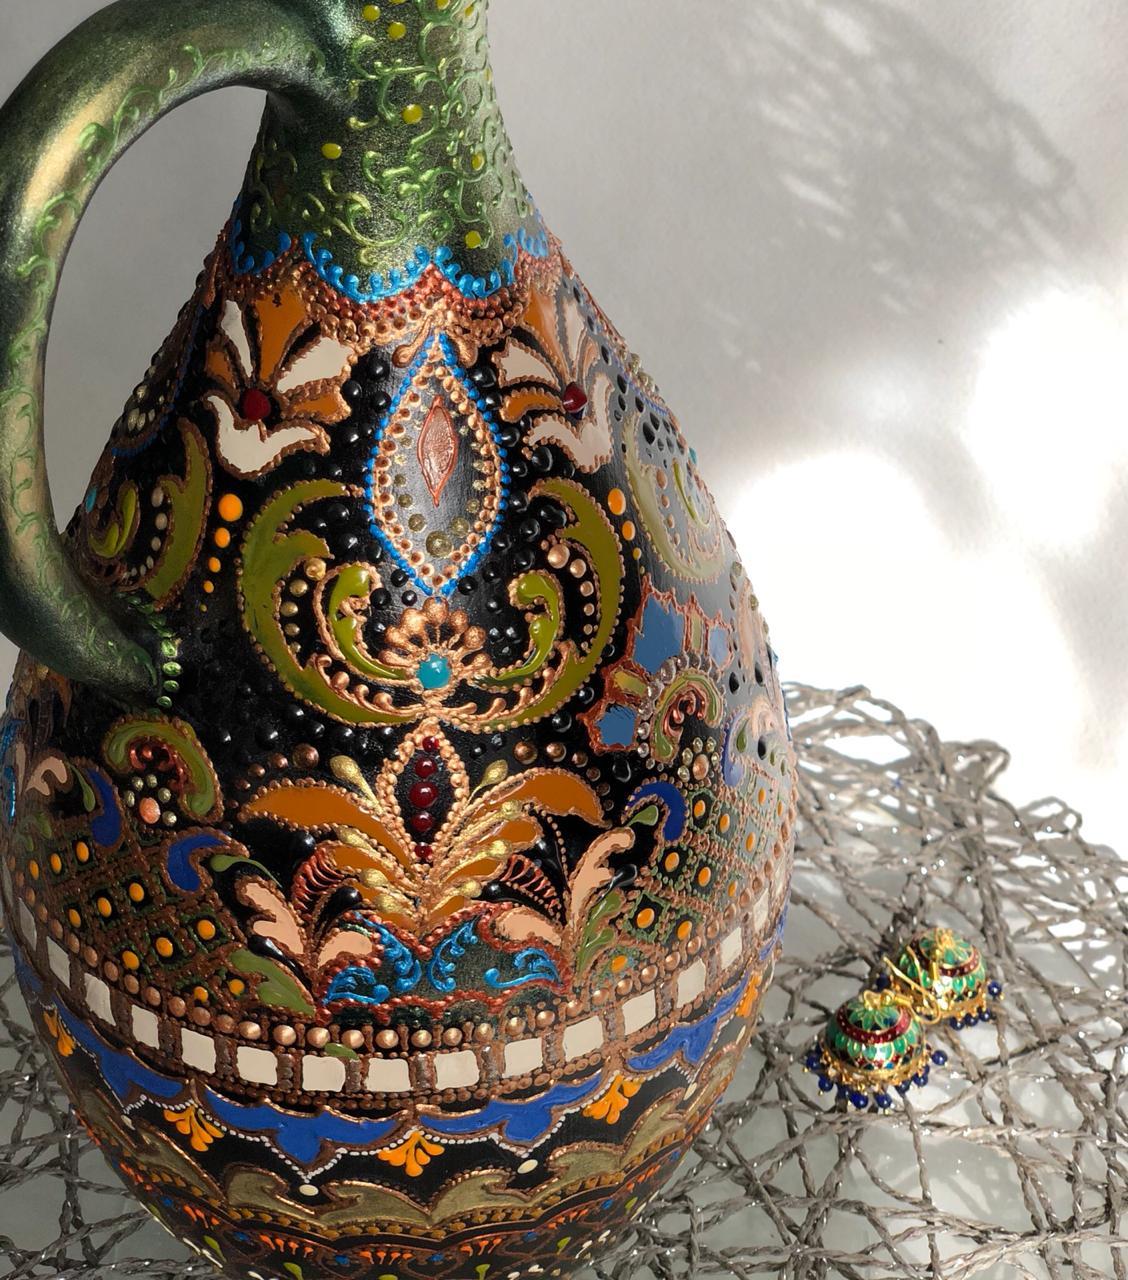 Работы Евгении Ансари, выполненные с применением материалов SMAR